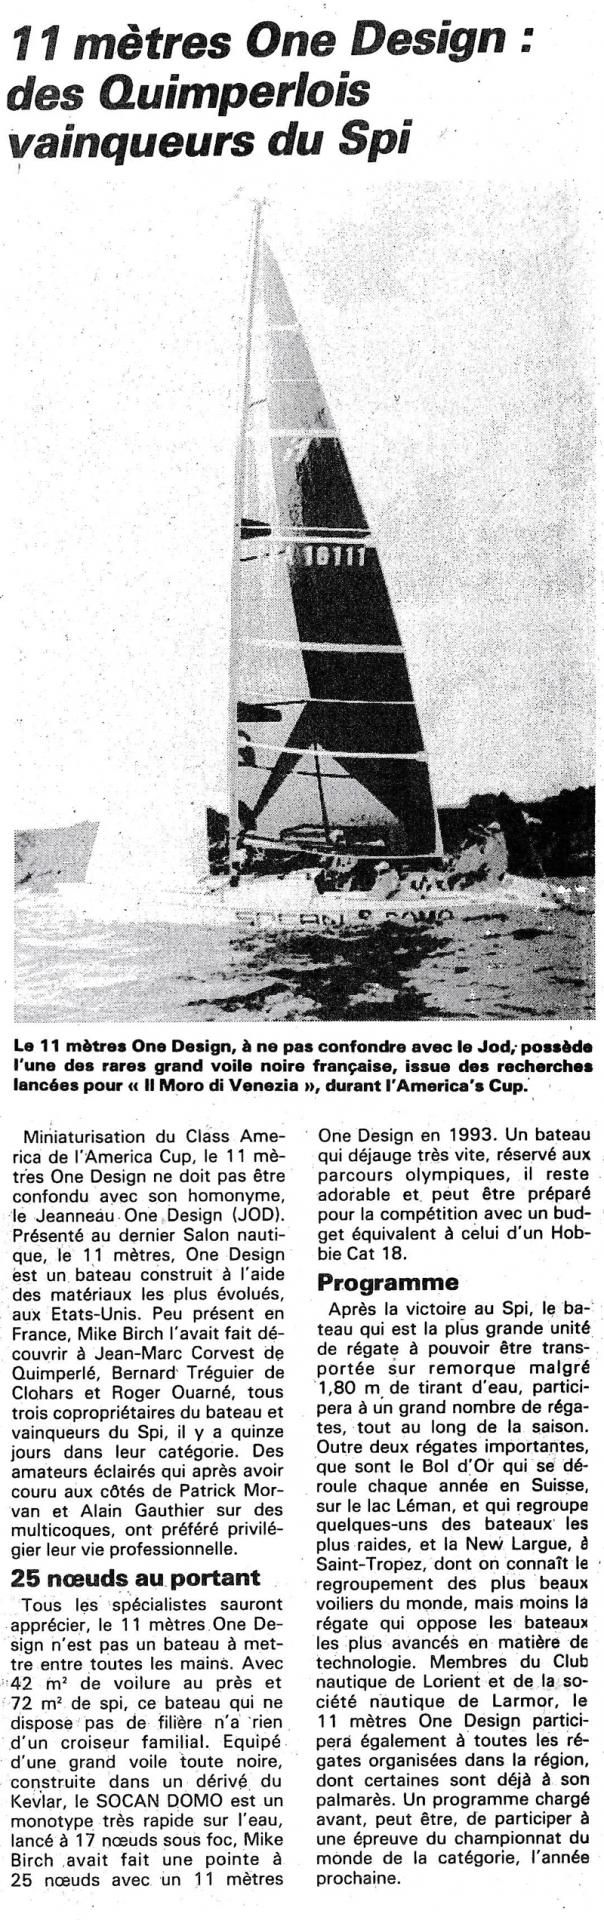 Spi Ouest France remporté par hydrofolies